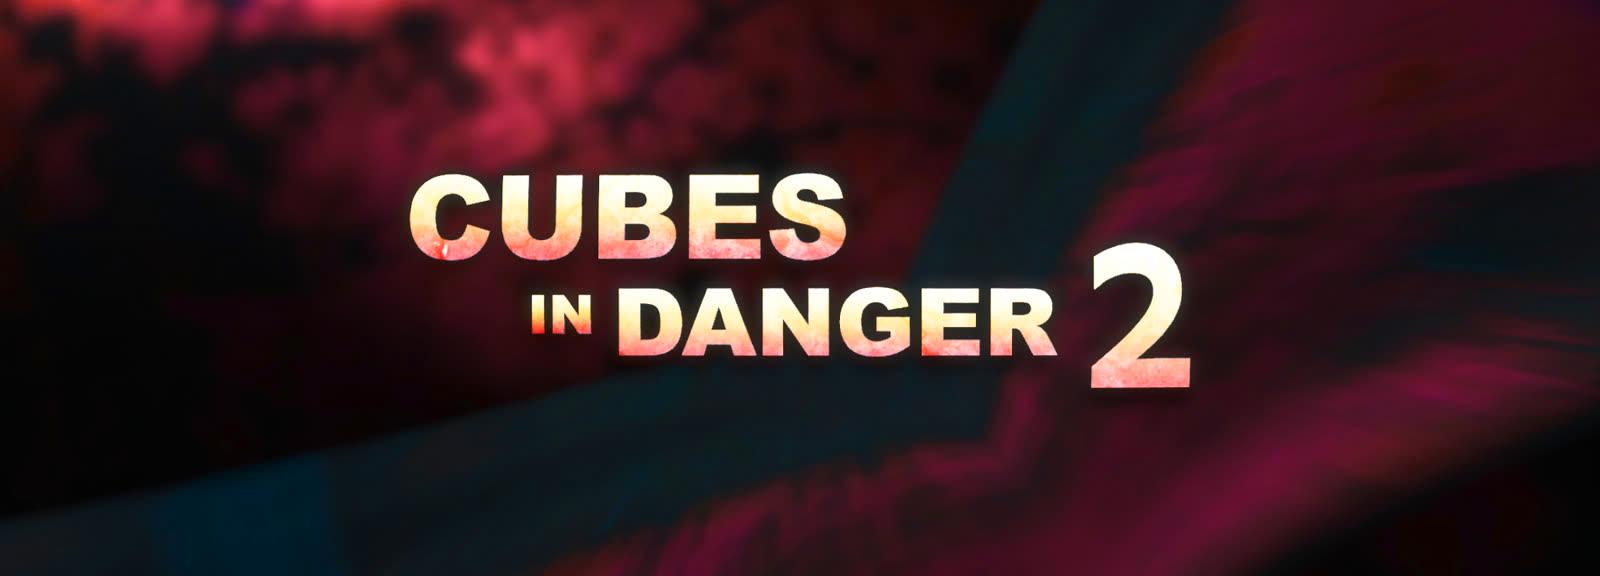 Cubes In Danger 2